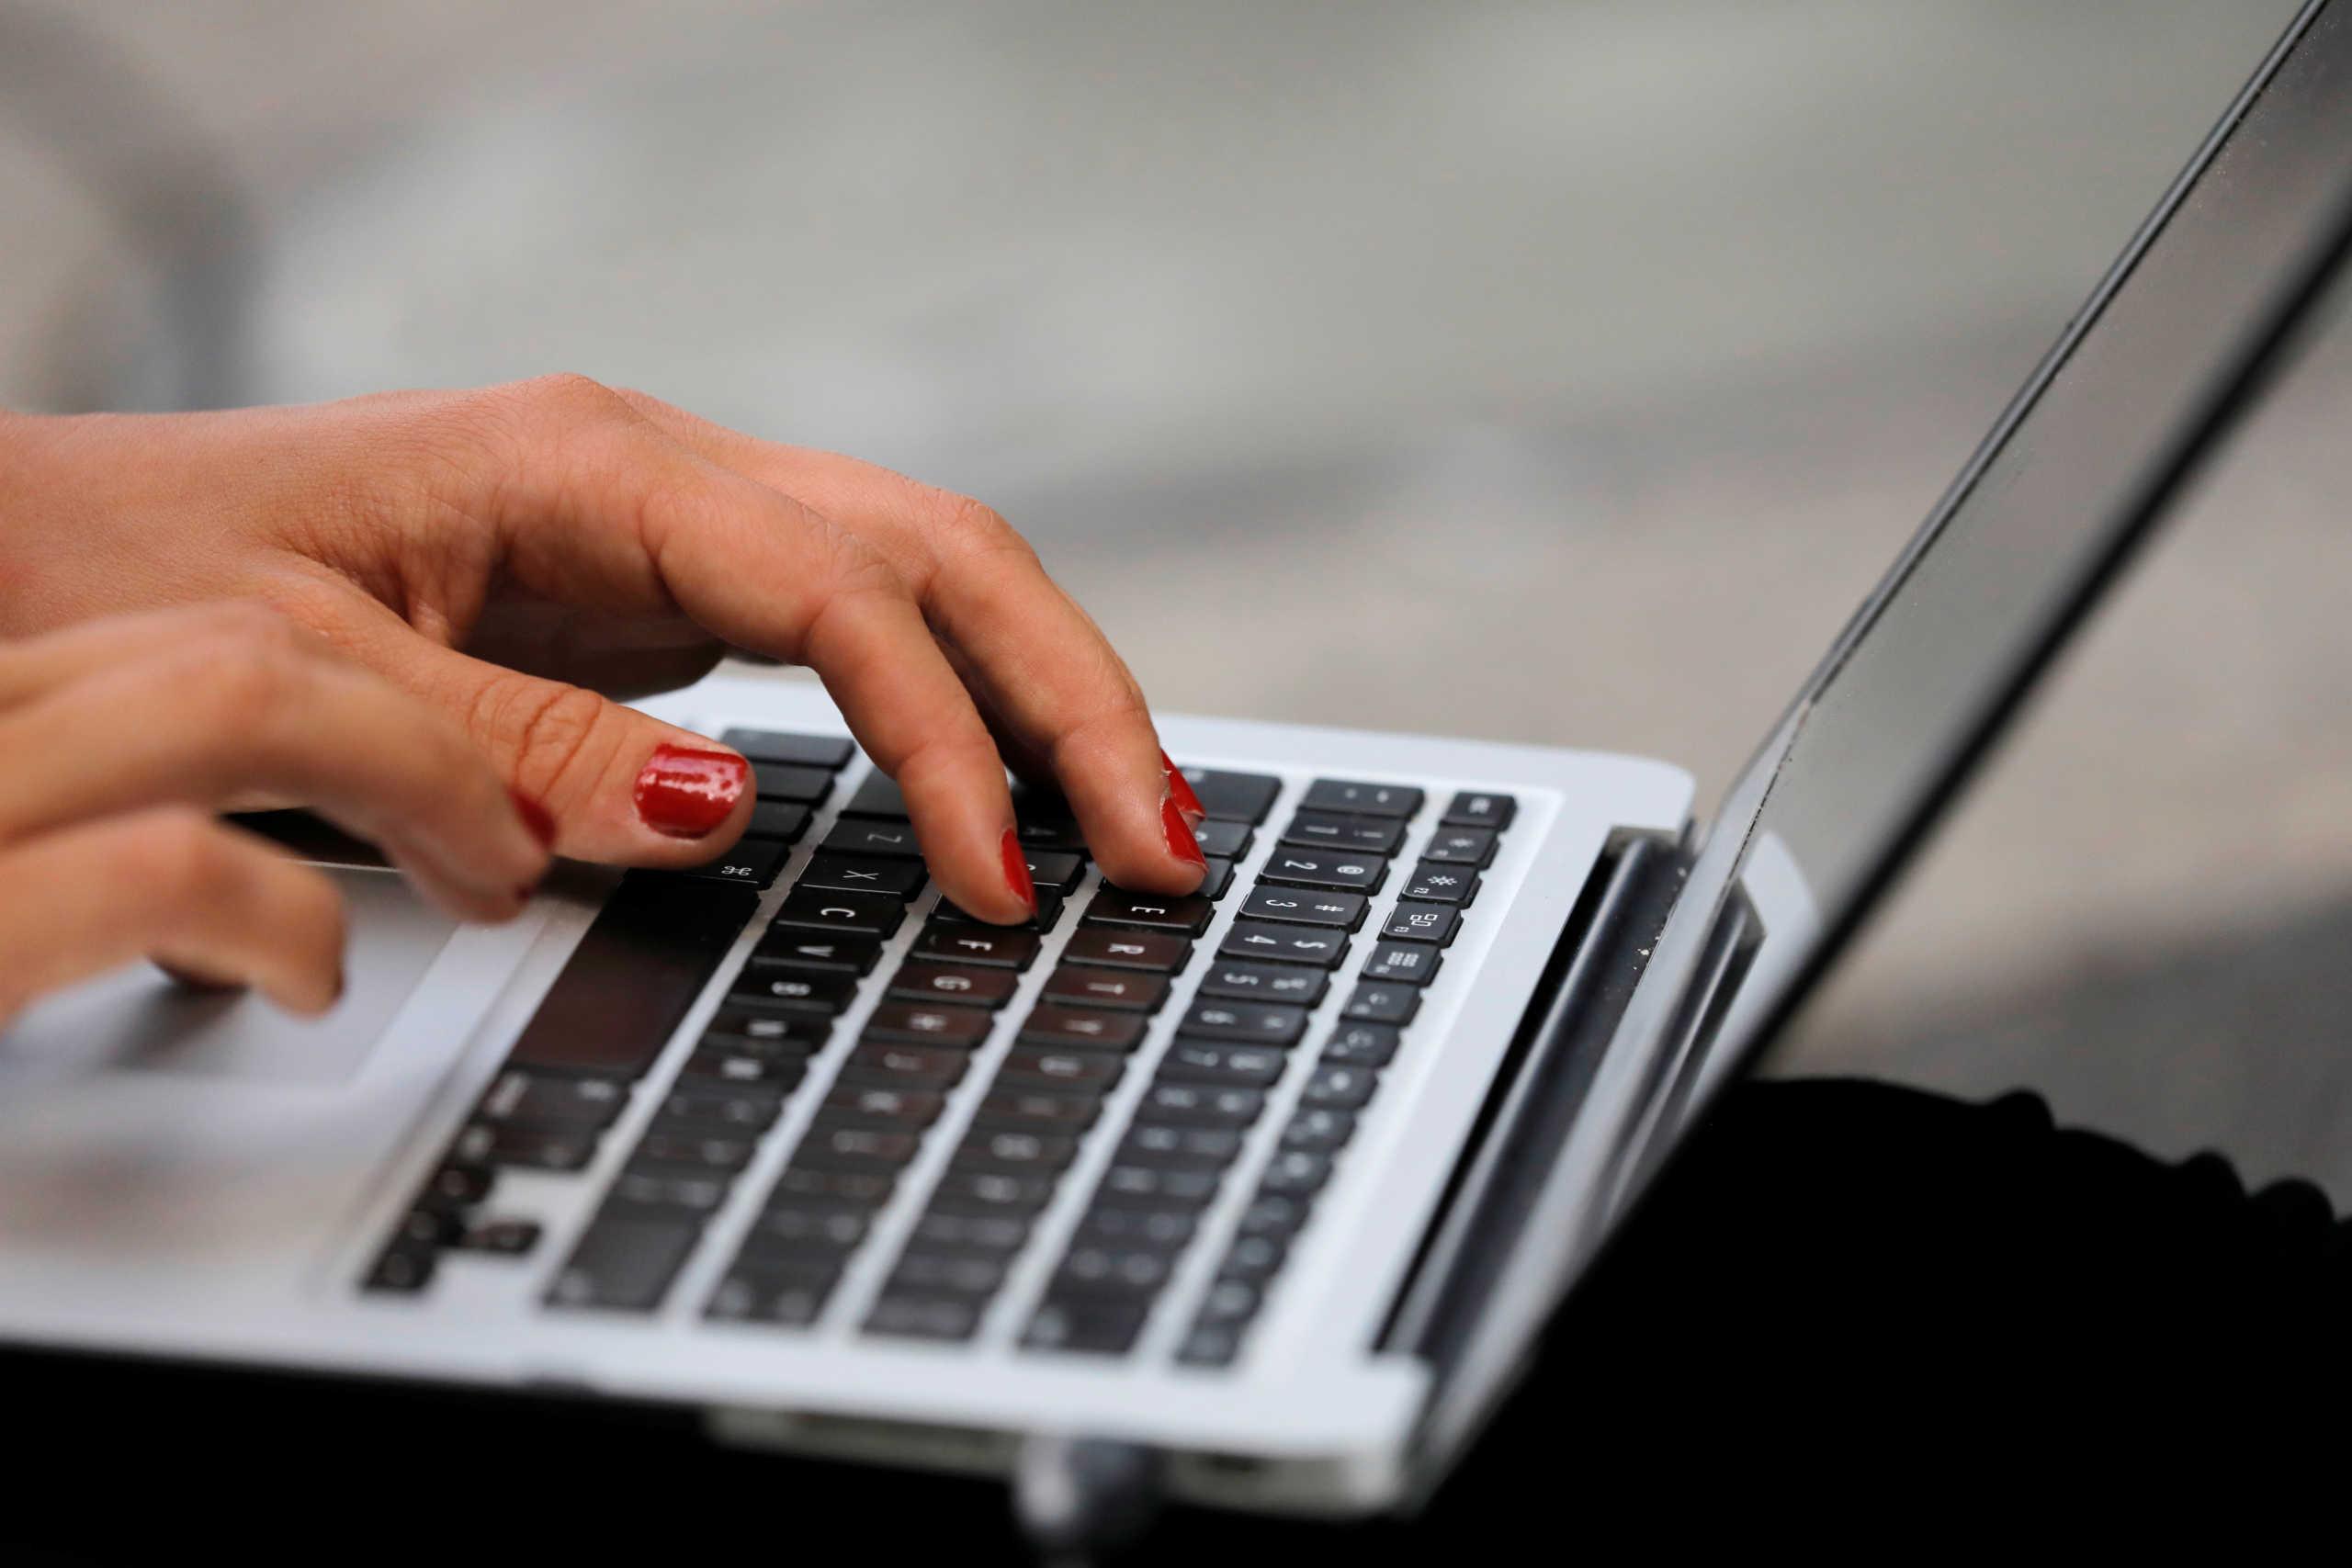 ΑΕΙ: Τι ισχύει για την εκπρόθεσμη εγγραφή των εισακτέων